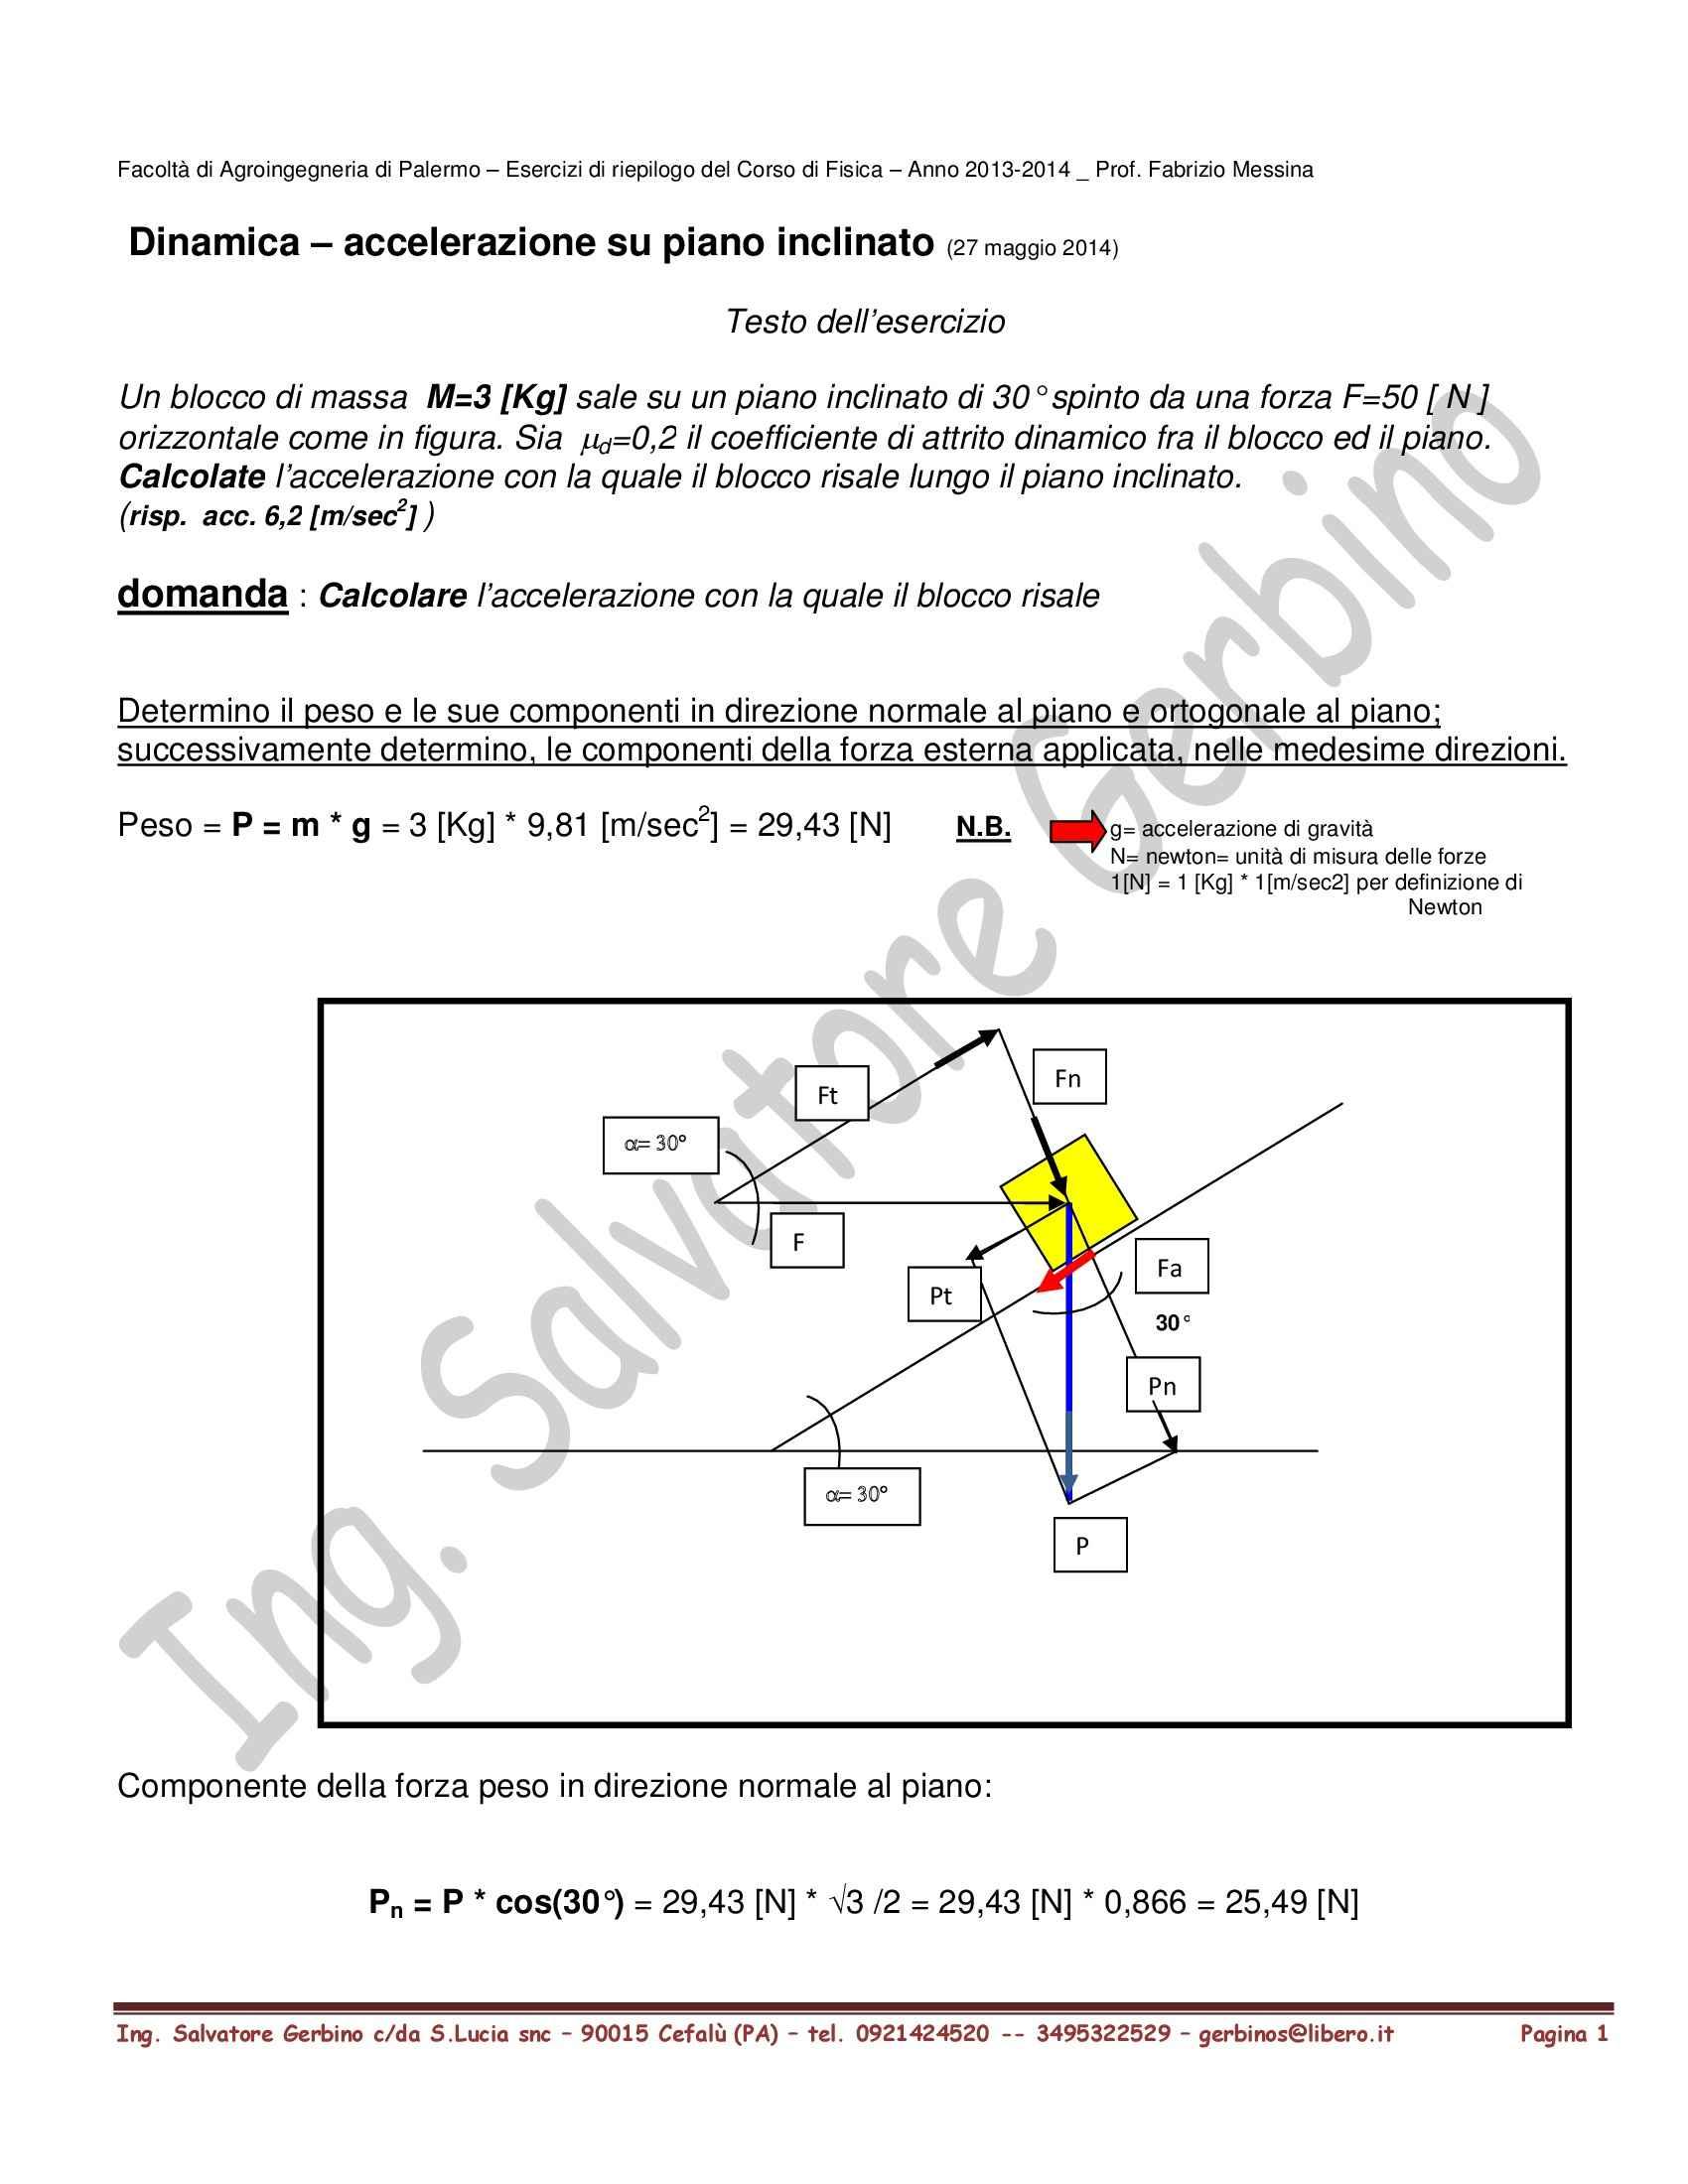 esercizio di dinamica - accelerazione su piano inclinato